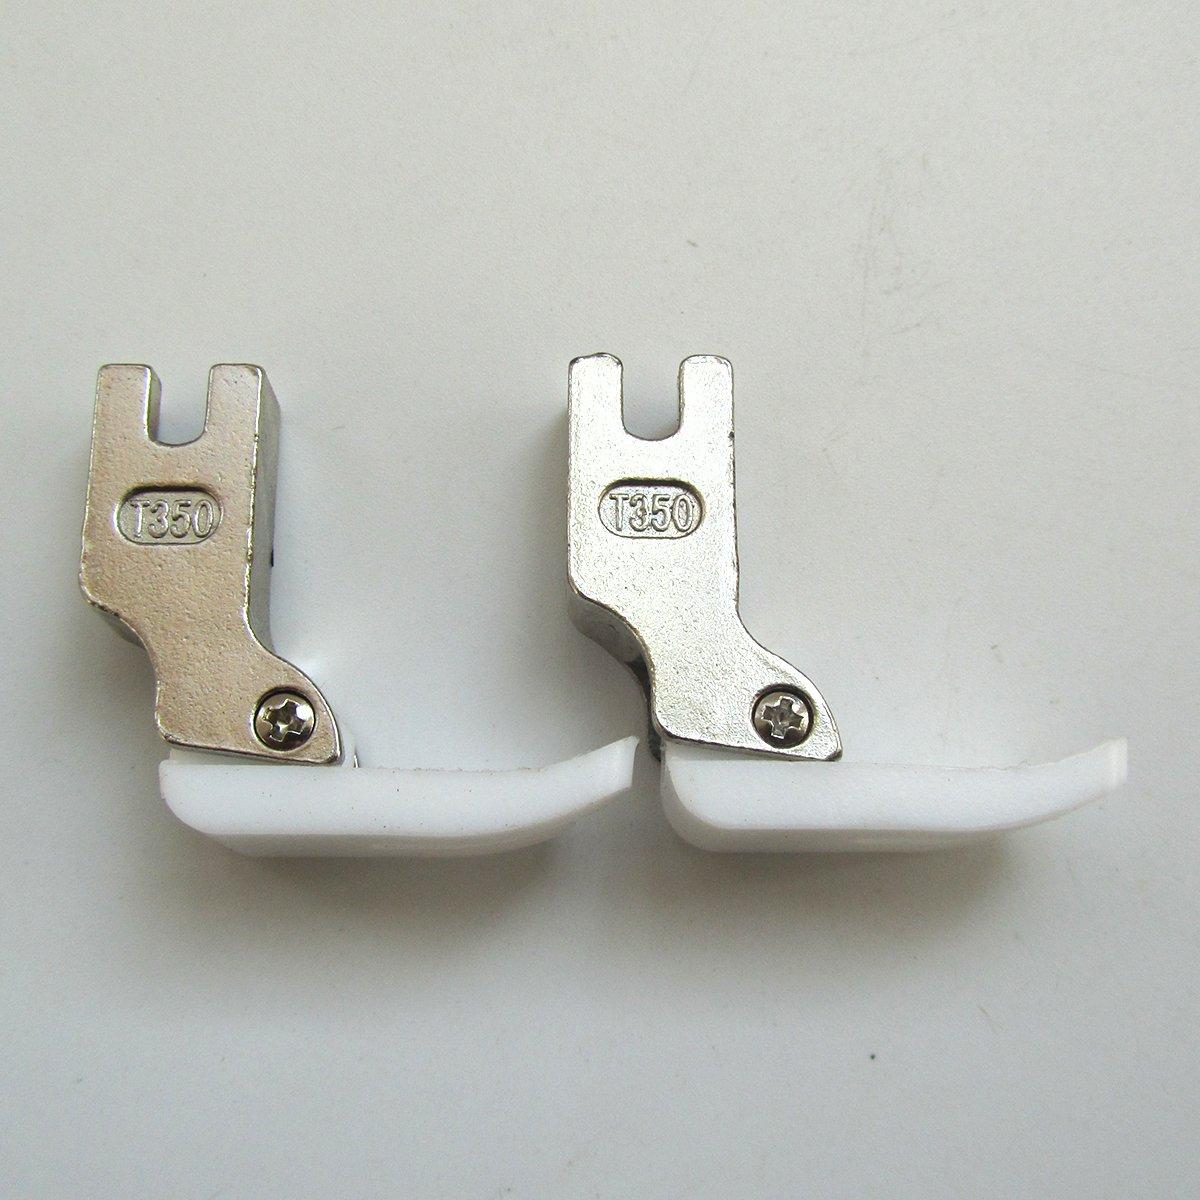 CKPSMS Marca - Industrial máquina de coser estándar de teflón Pie Prensatelas # T350 (2piezas): Amazon.es: Hogar